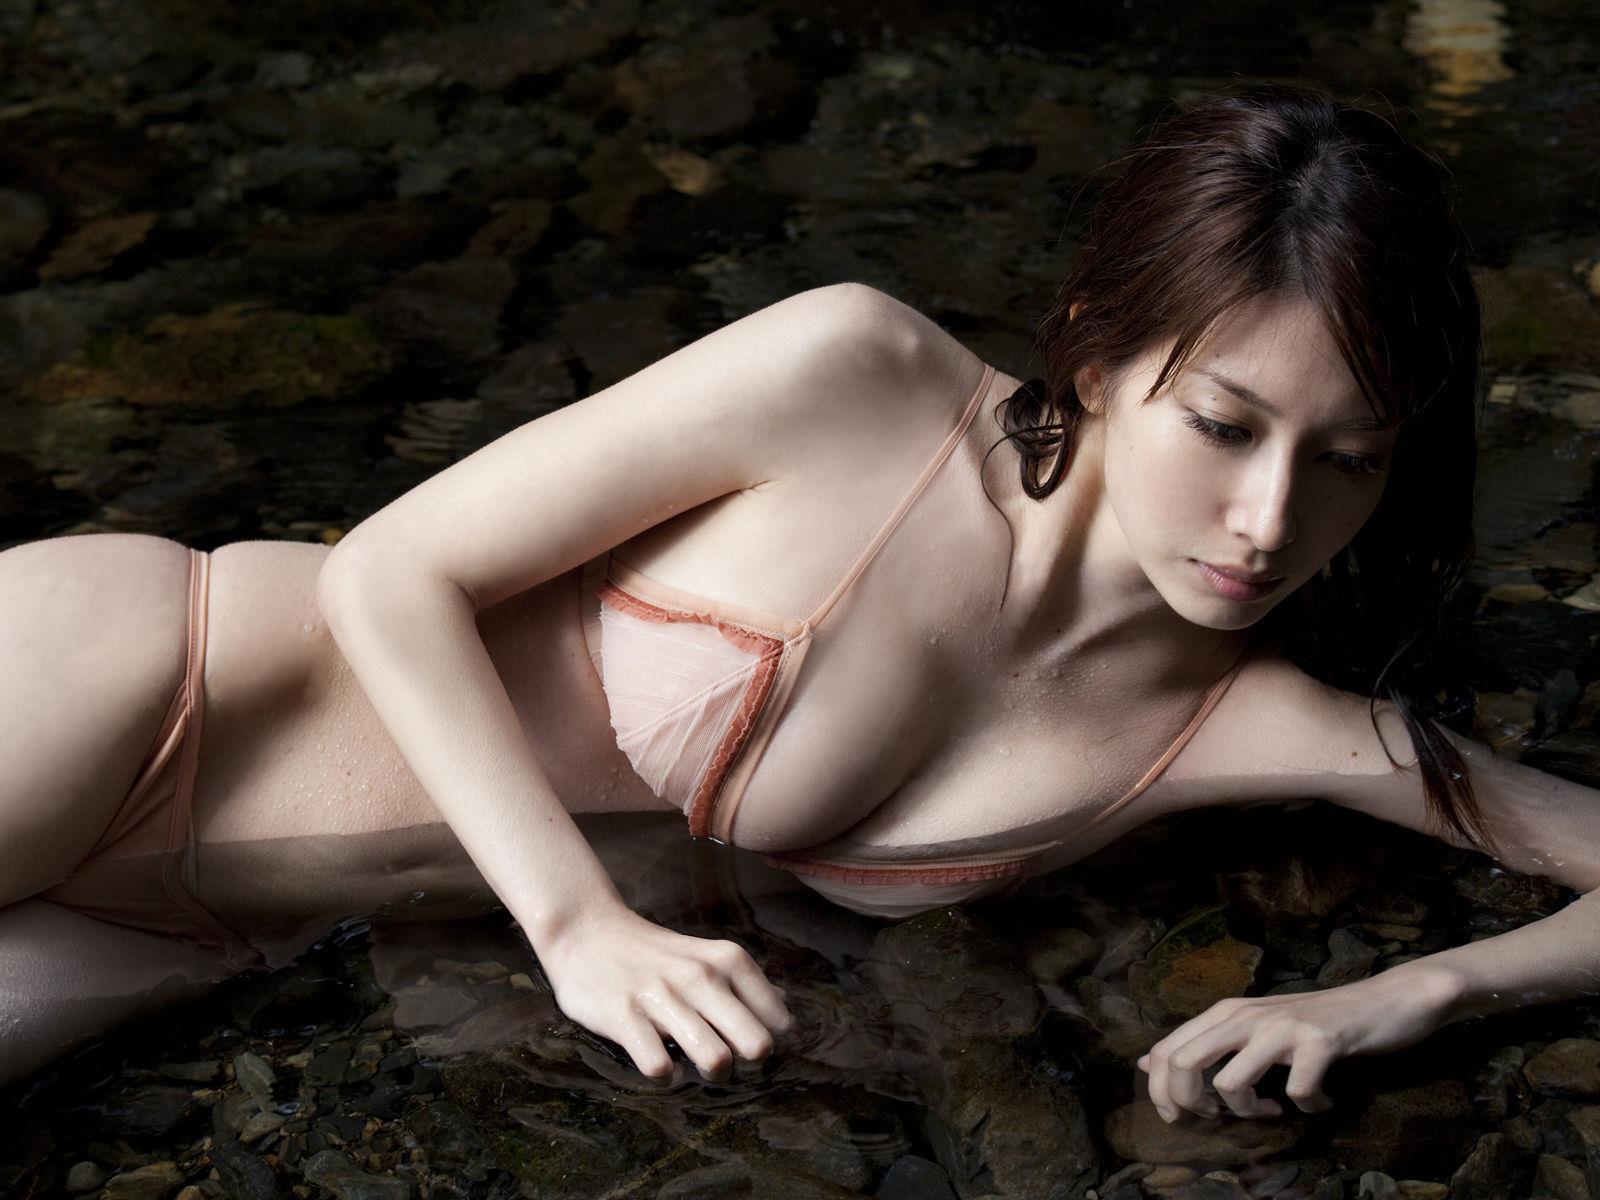 小林恵美 セミヌード画像 39